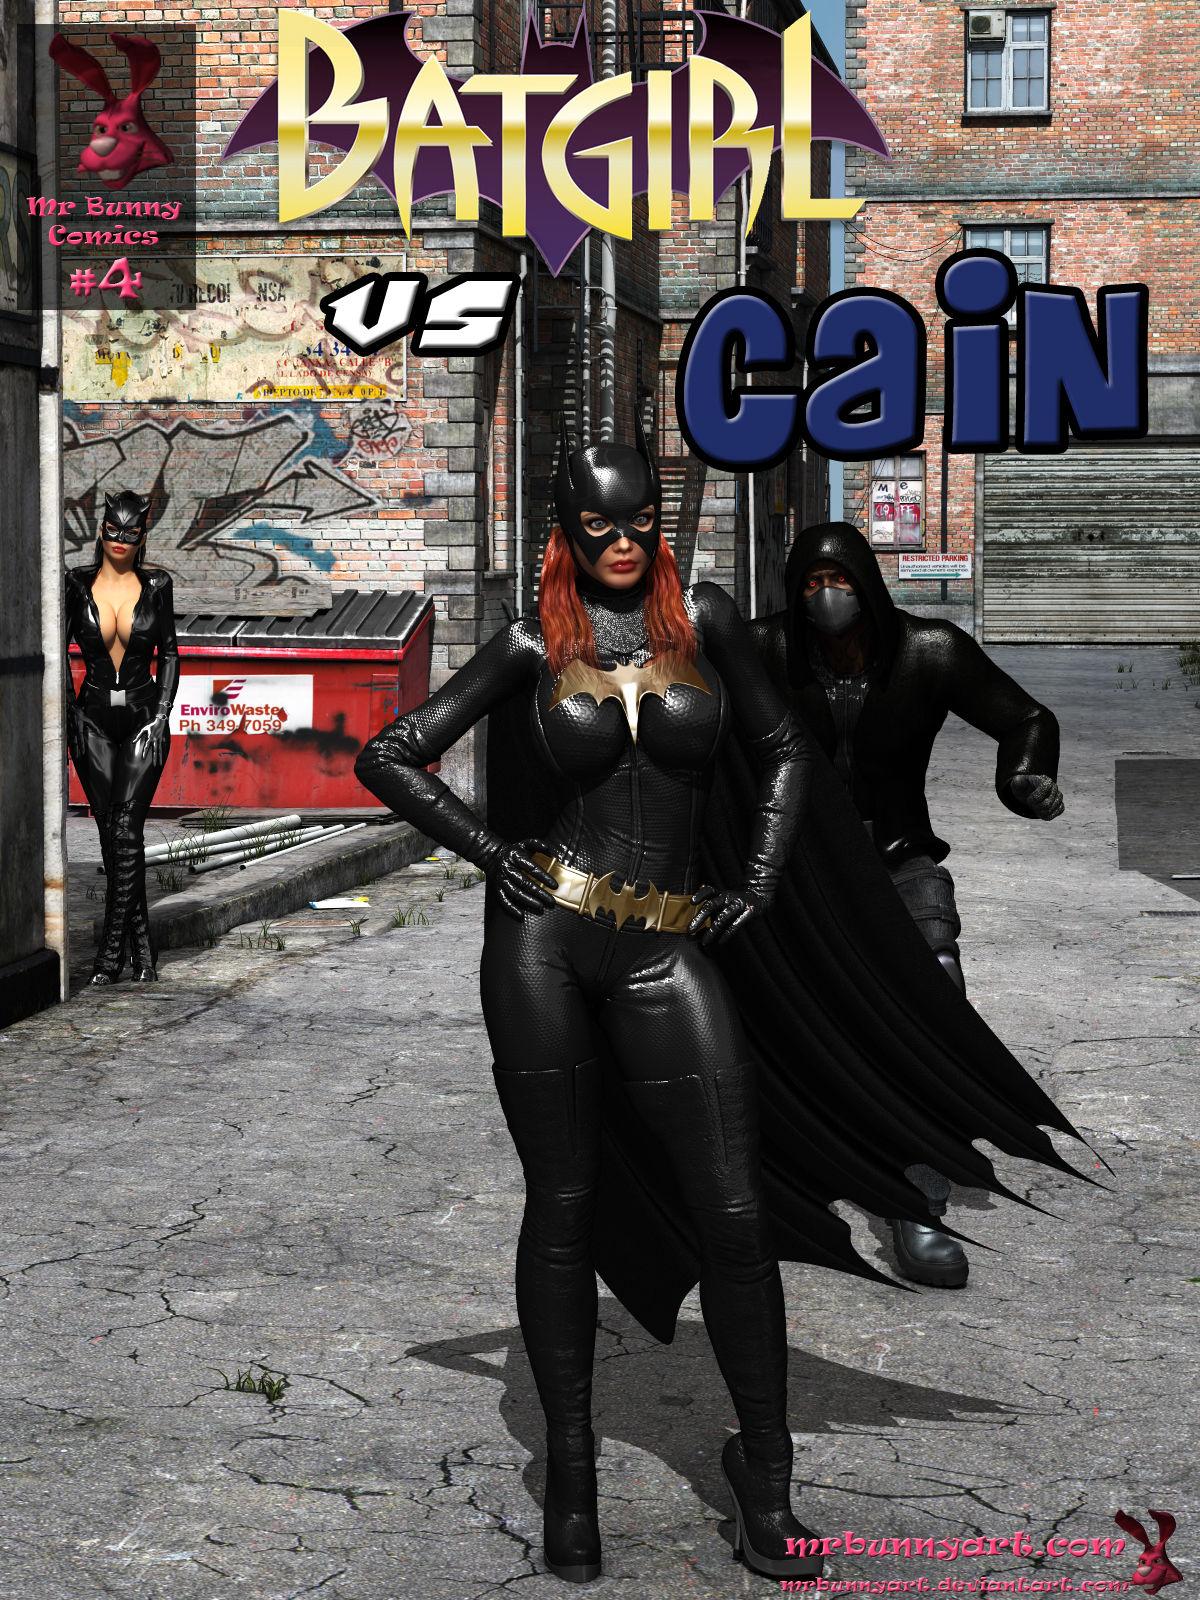 Batgirl vs Cain (Batman) image 1